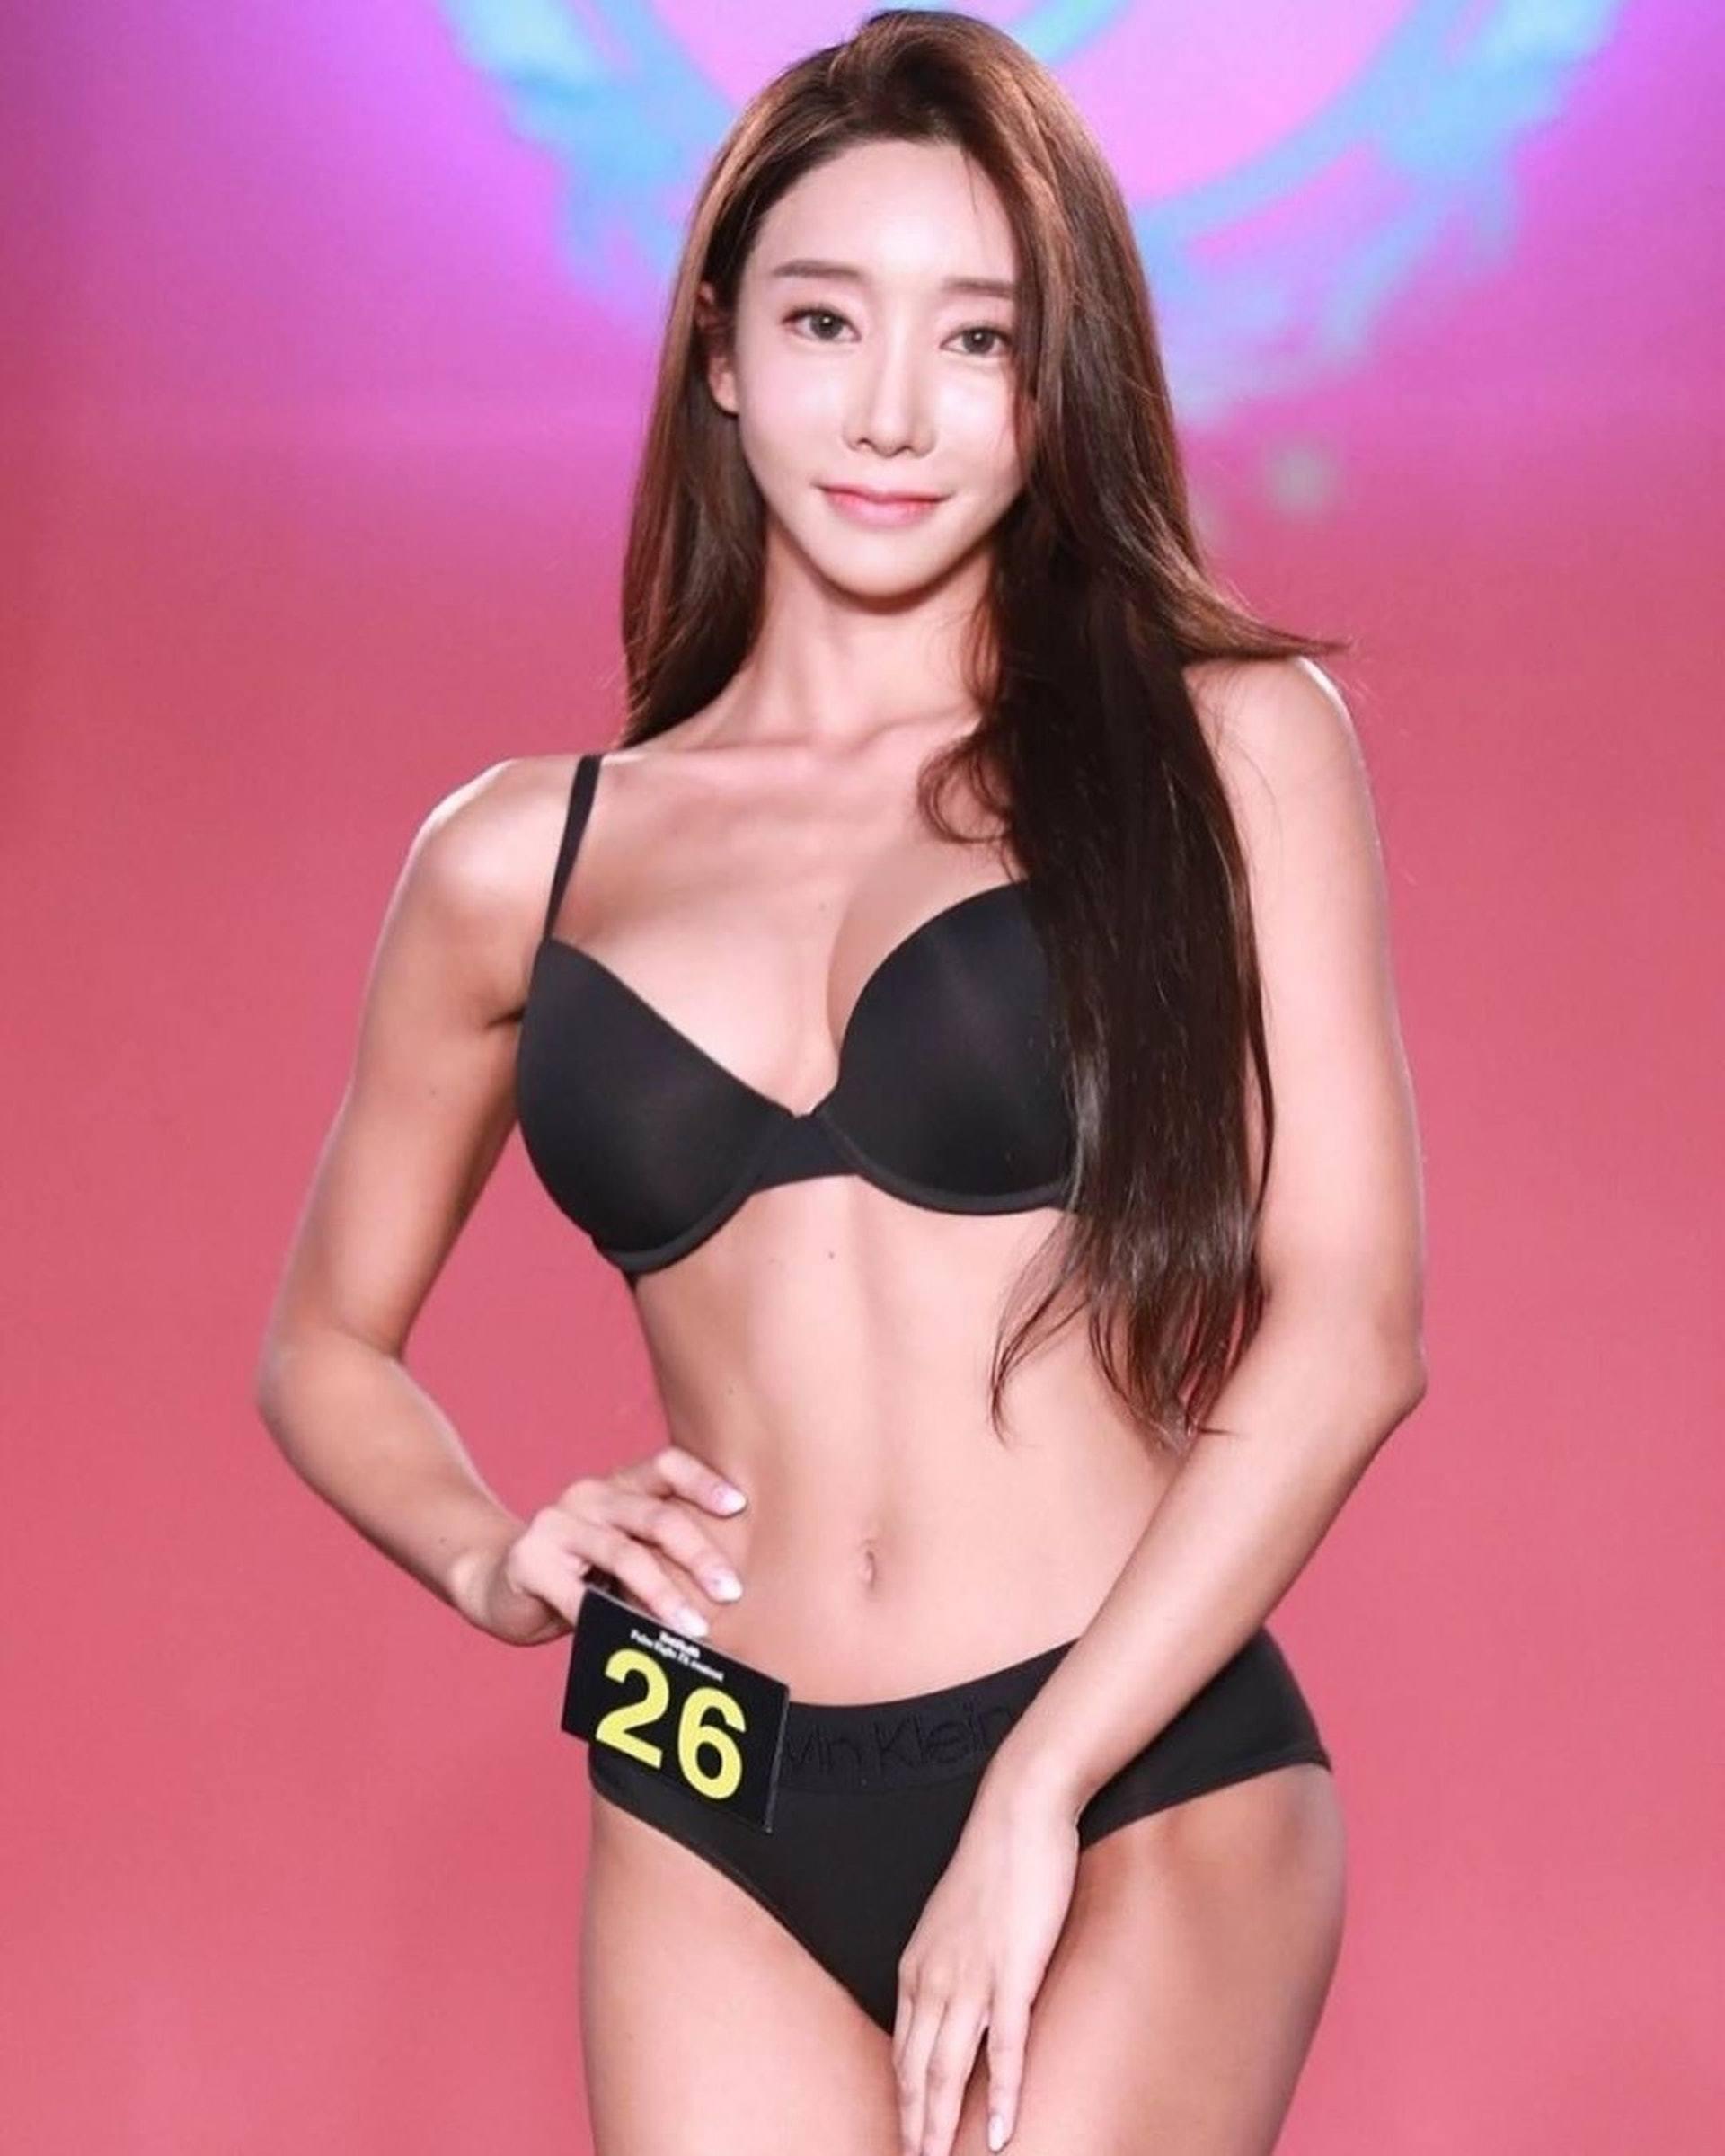 韩国健美小姐吴彩源半裸拍杂志,大晒蚂蚁腰展现健康性感美插图(9)